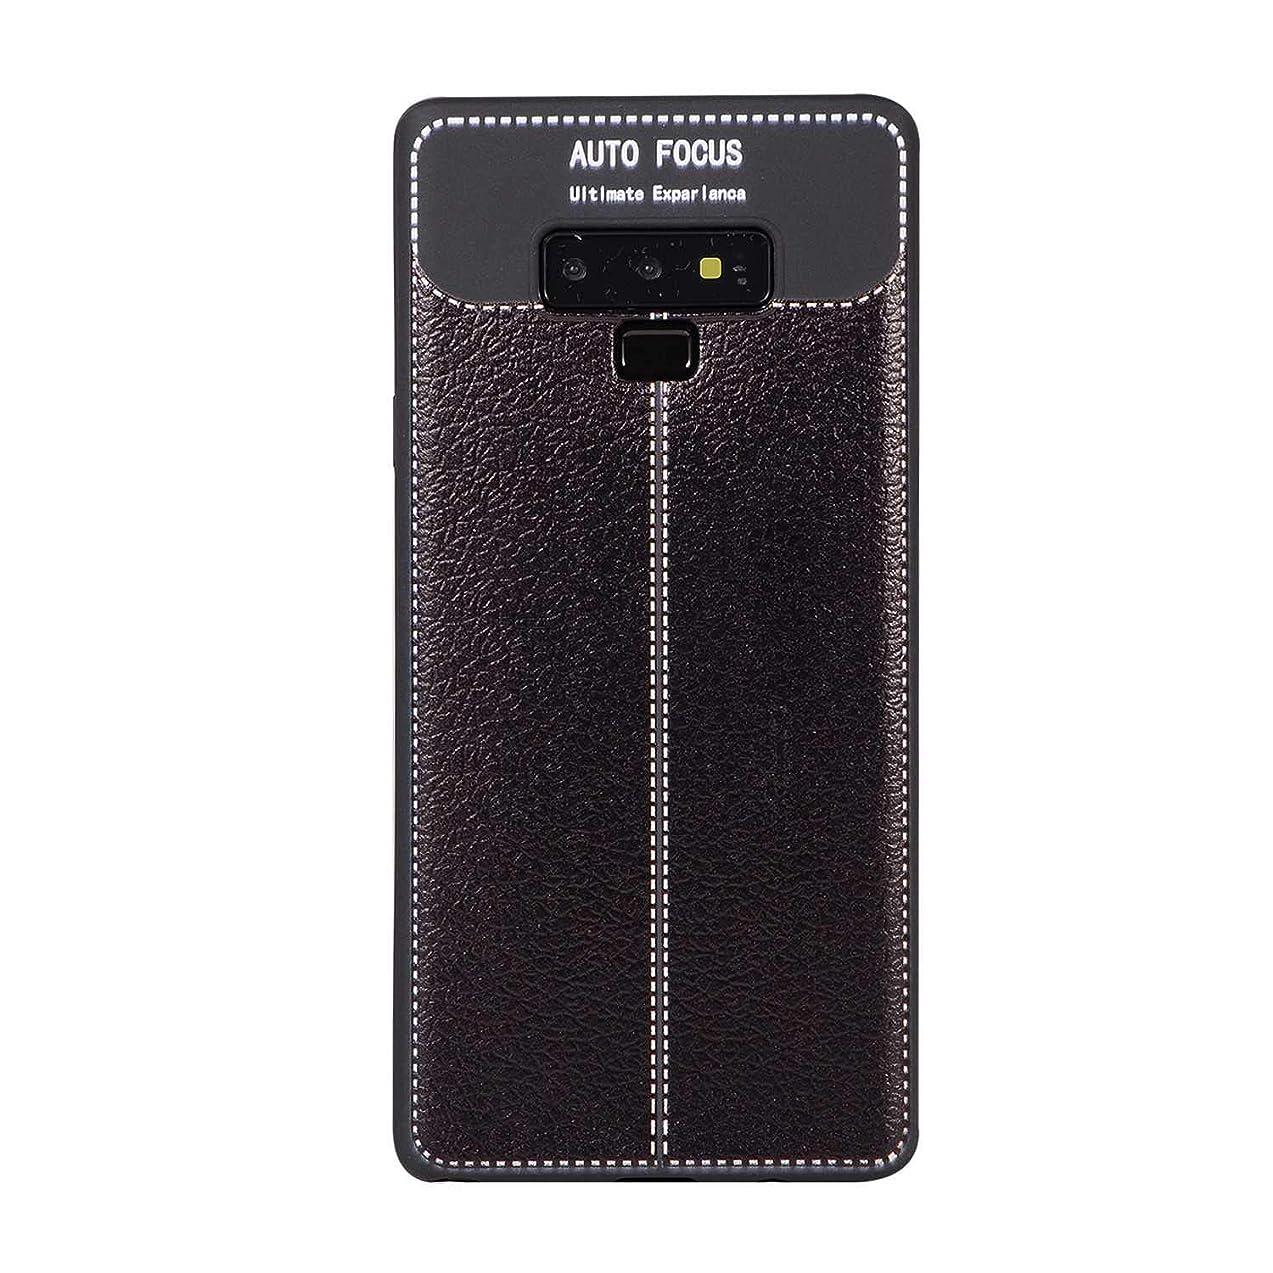 ヨーグルト膨らみ単なるGalaxy Note 9 ケース, 高級 CUNUS Samsung Galaxy Note 9 ケース TPU 柔軟 高品質 おしゃれ かわいい 超薄型 落下防止 耐摩擦 耐汚れ 保護カバー, ブラック